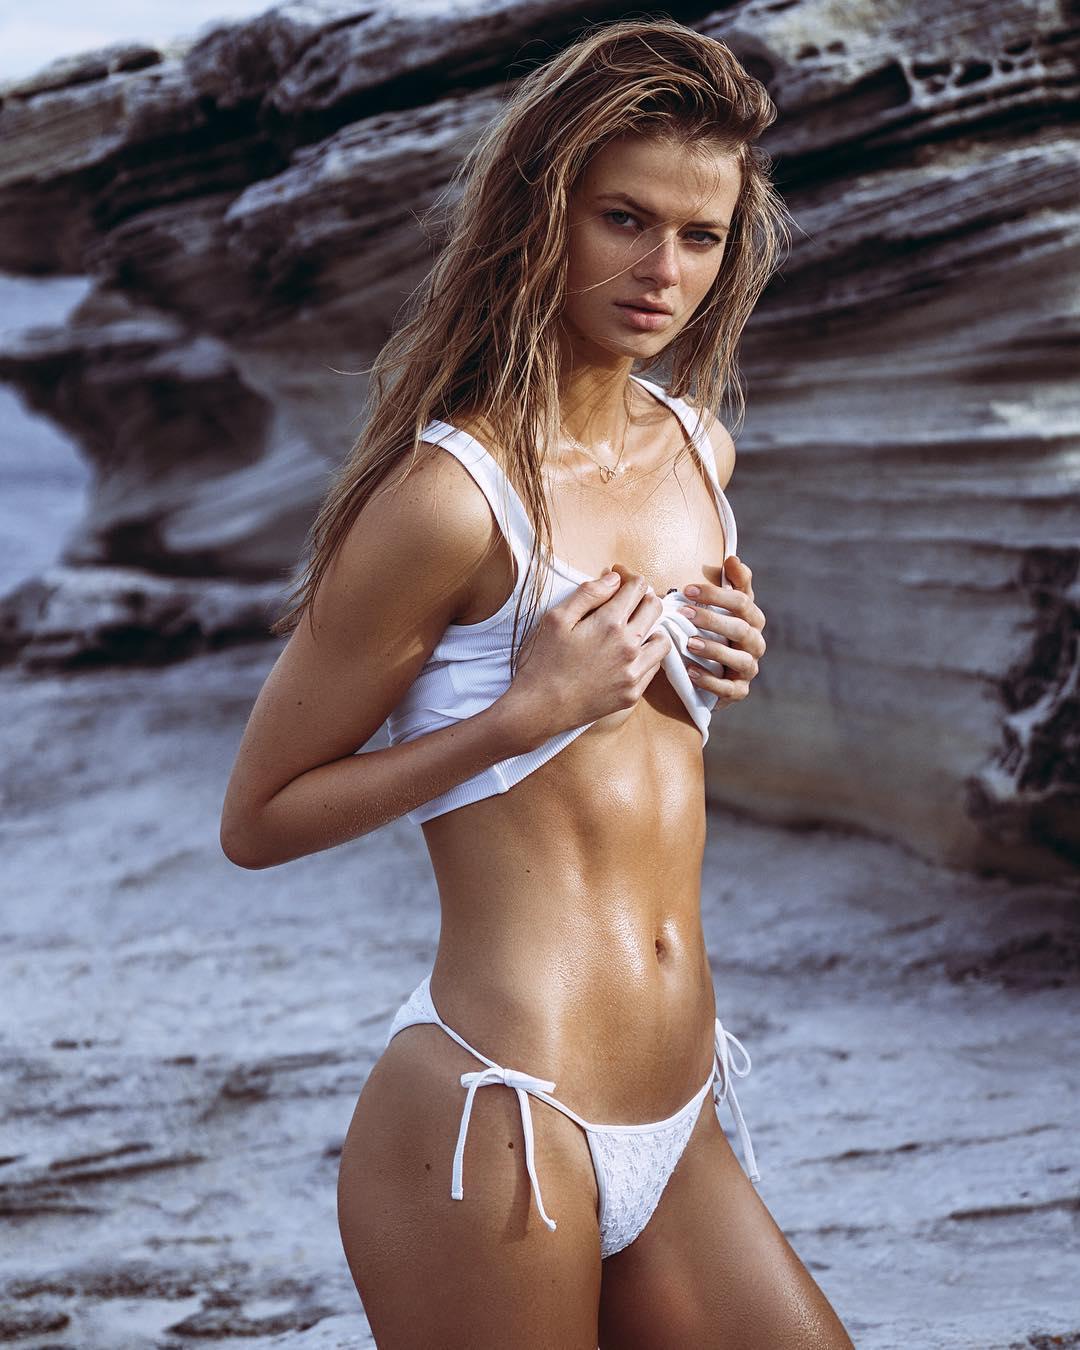 Swimsuit Anastasiya Jepsen nudes (48 pics) Fappening, Instagram, lingerie